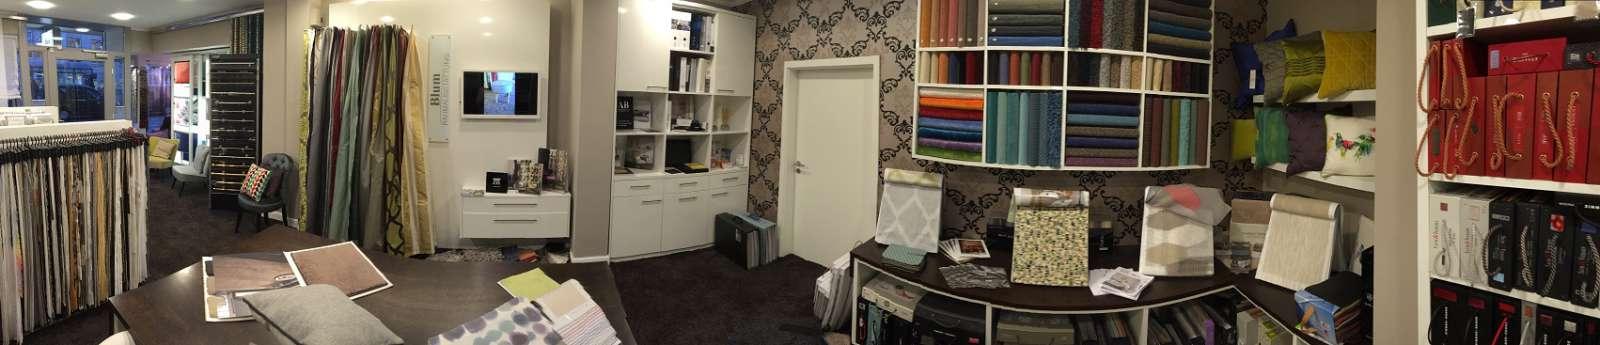 raumausstattung polsterei sattlerei karlsruhe blum. Black Bedroom Furniture Sets. Home Design Ideas